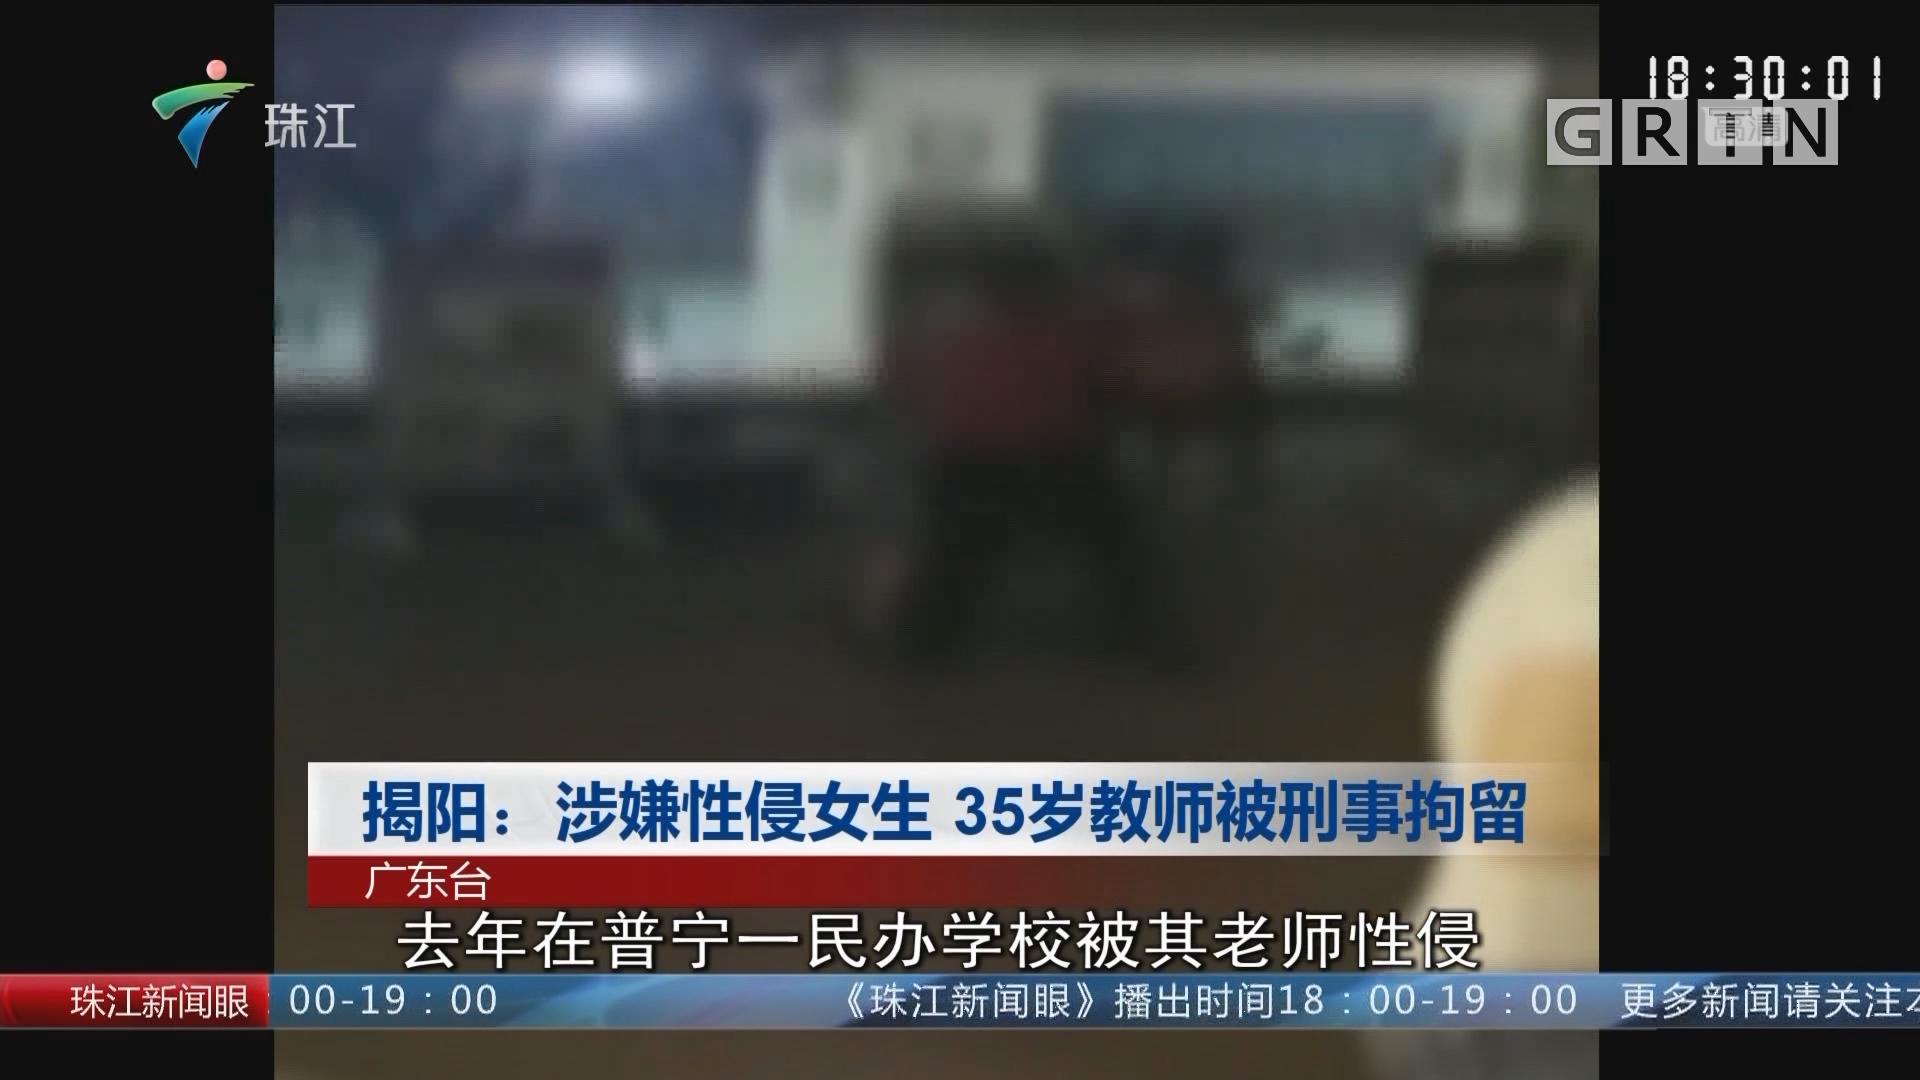 揭阳?#33655;嫦有?#20405;女生 35岁教师被刑事拘留